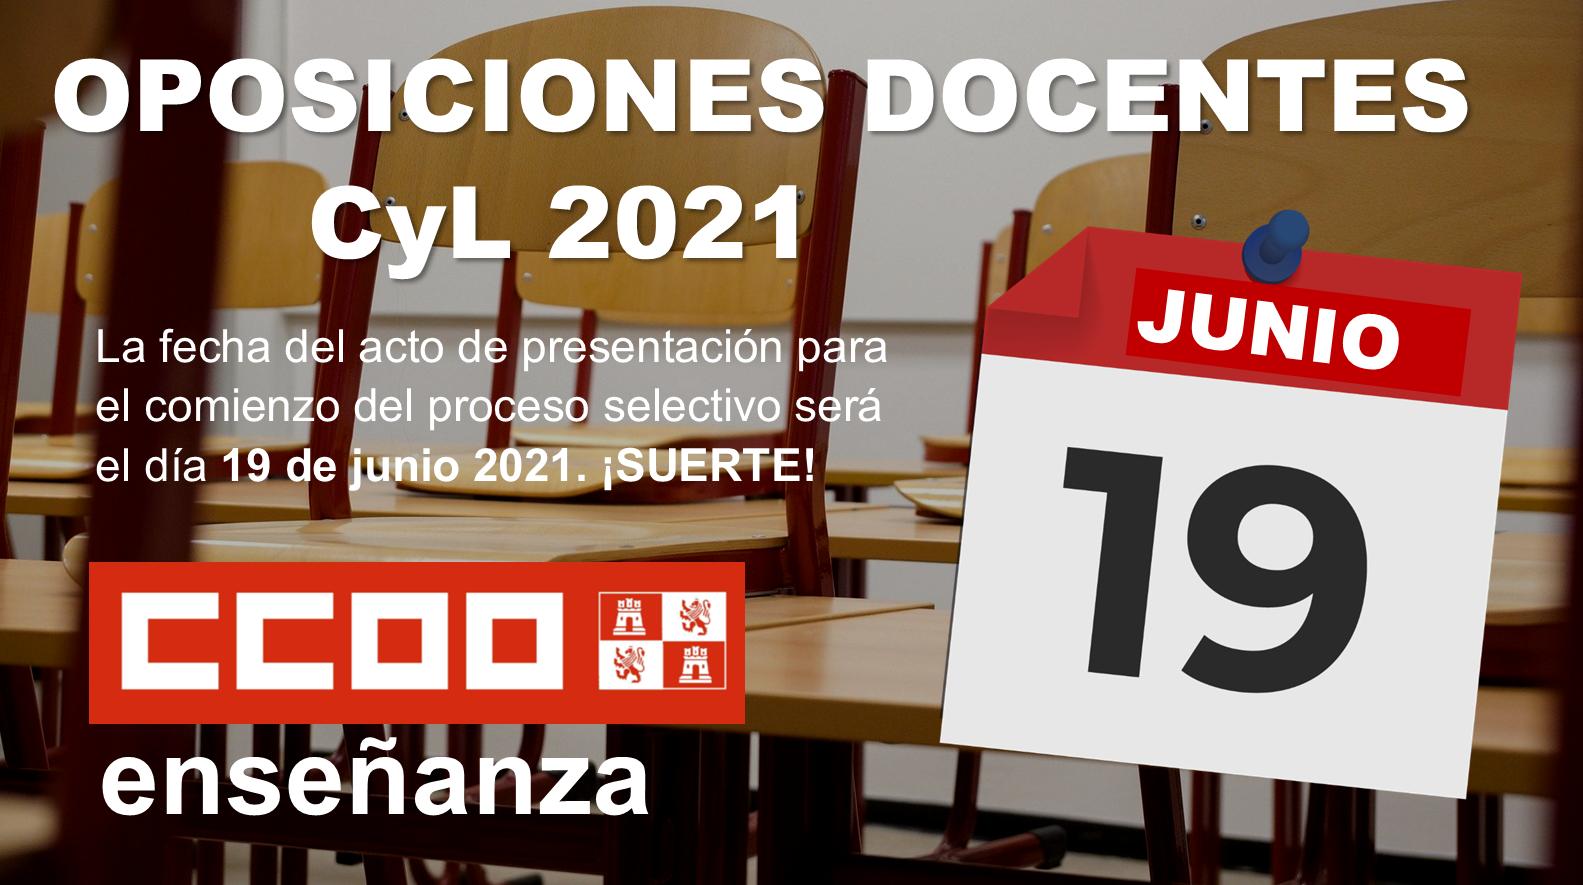 Oposiciones docentes 2020 CyL. Fecha de inicio de las pruebas  Sábado 19 de junio